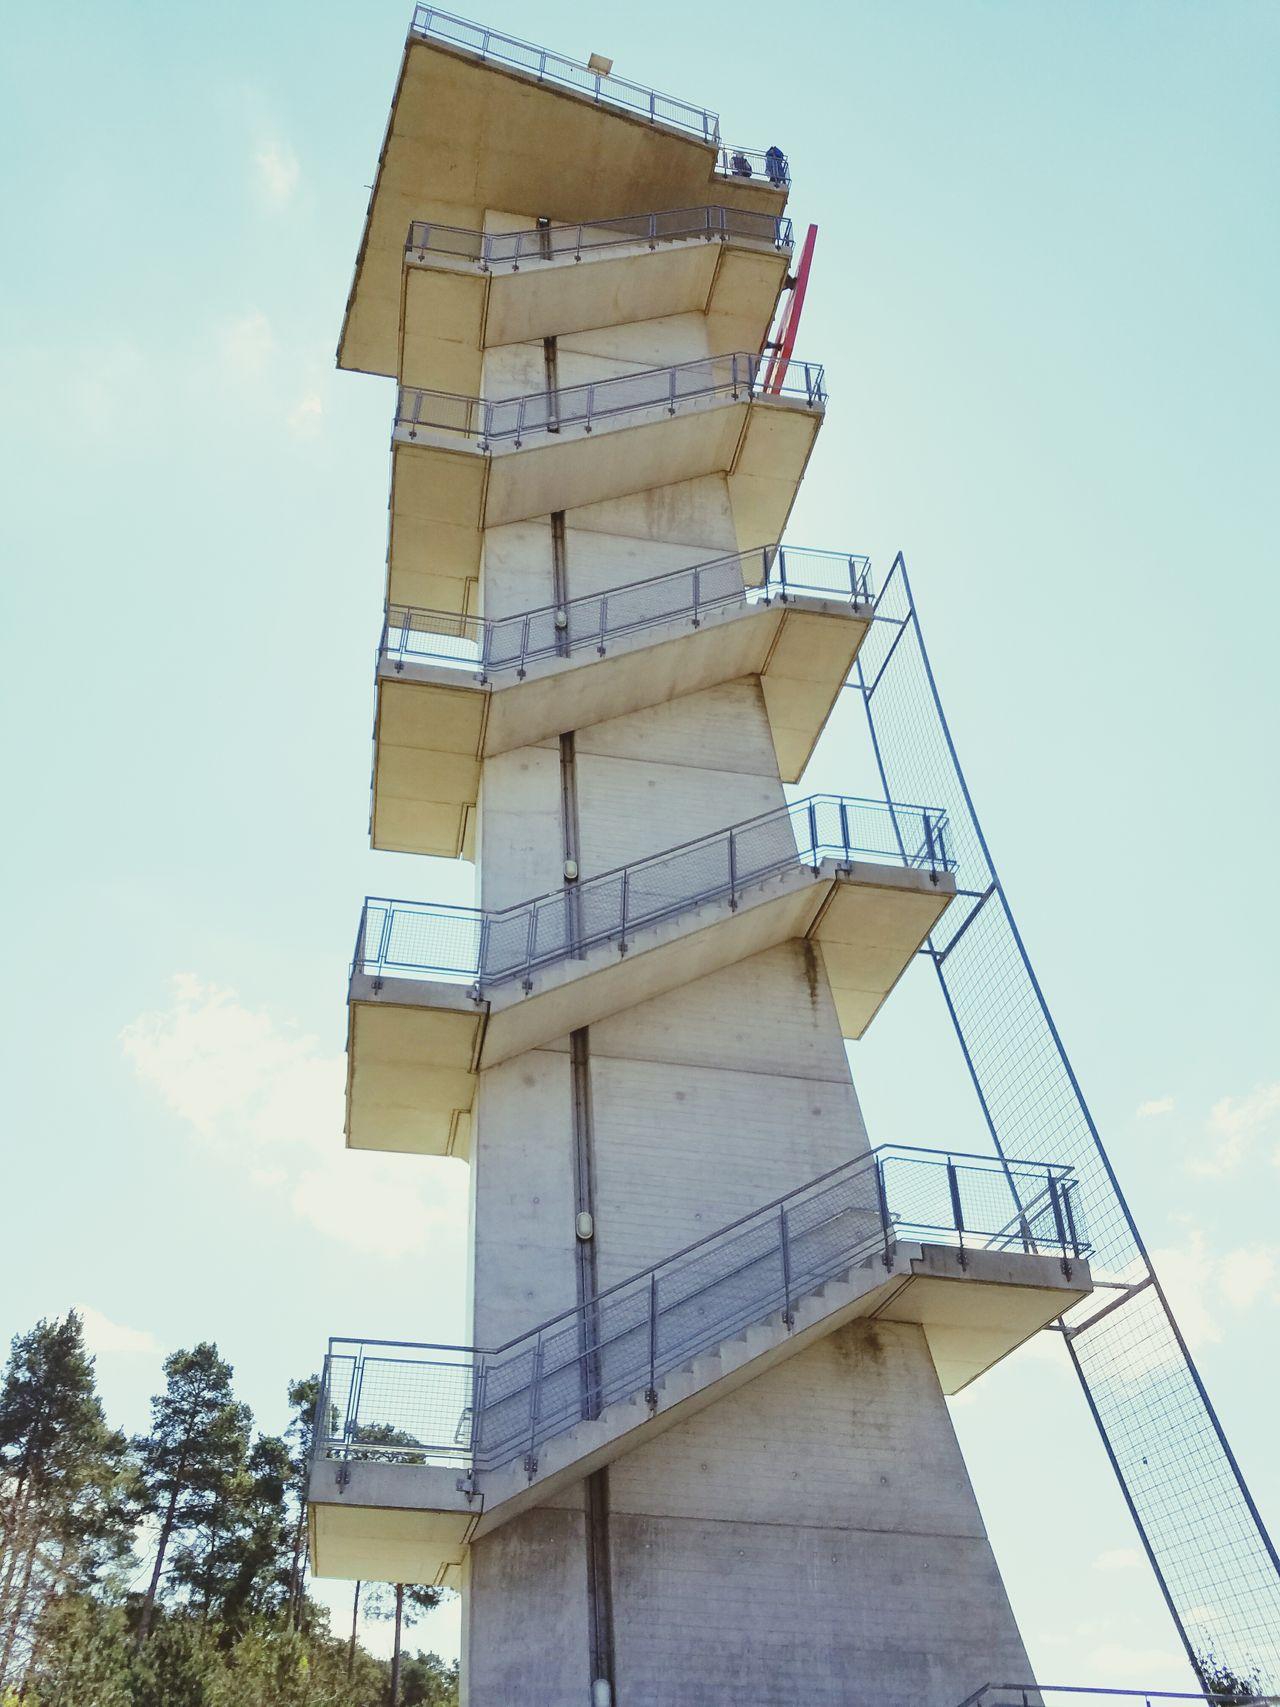 Cottbus Tagebau Tower